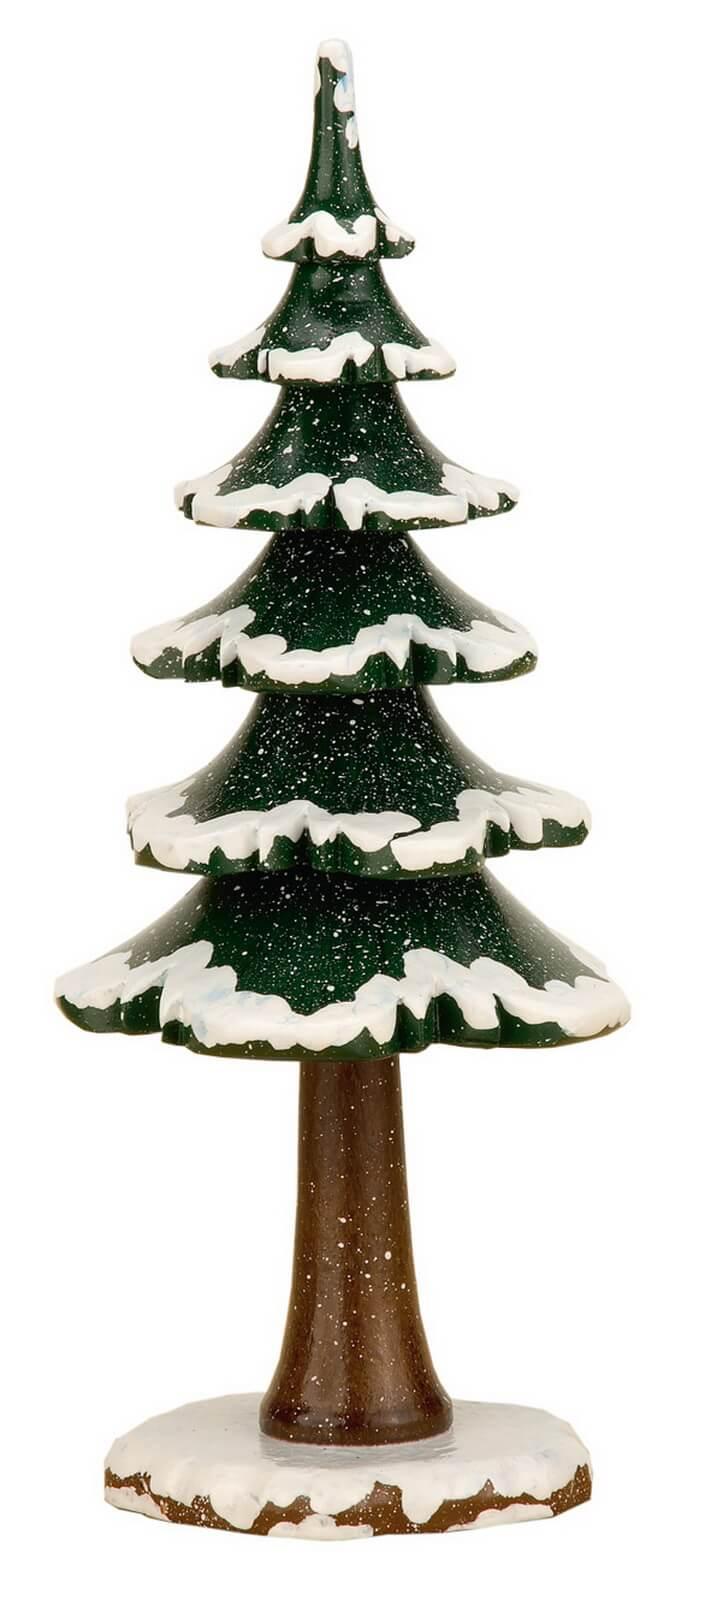 Winterkind Winterbaum von Hubrig Volkskunst GmbH Zschorlau/ Erzgebirge ist 19 cm groß.